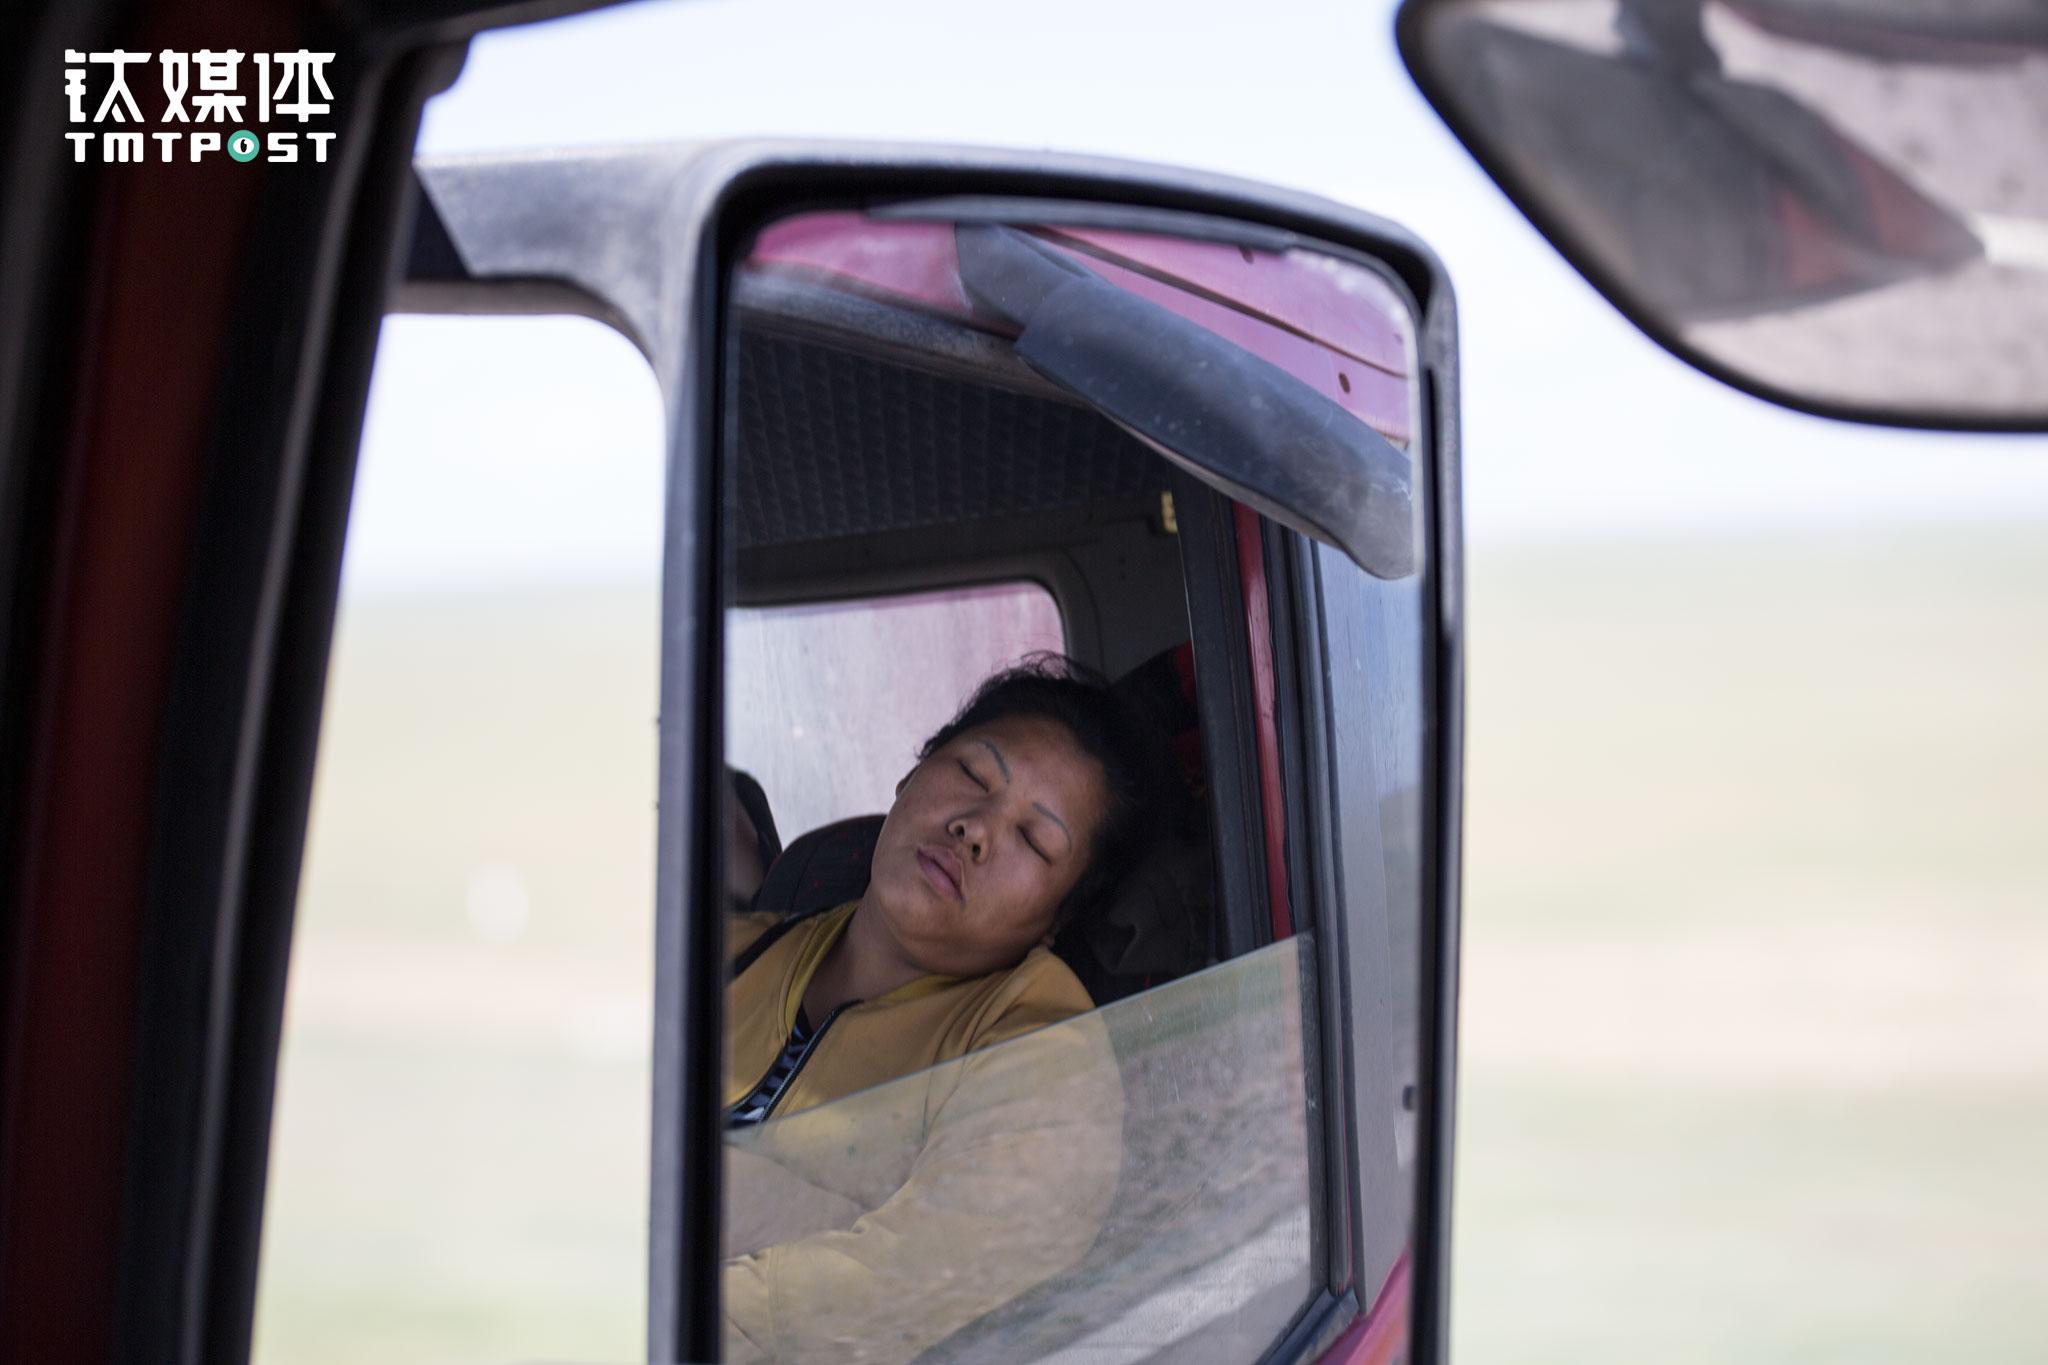 临近满洲里,王静疲惫地在车上睡着了。